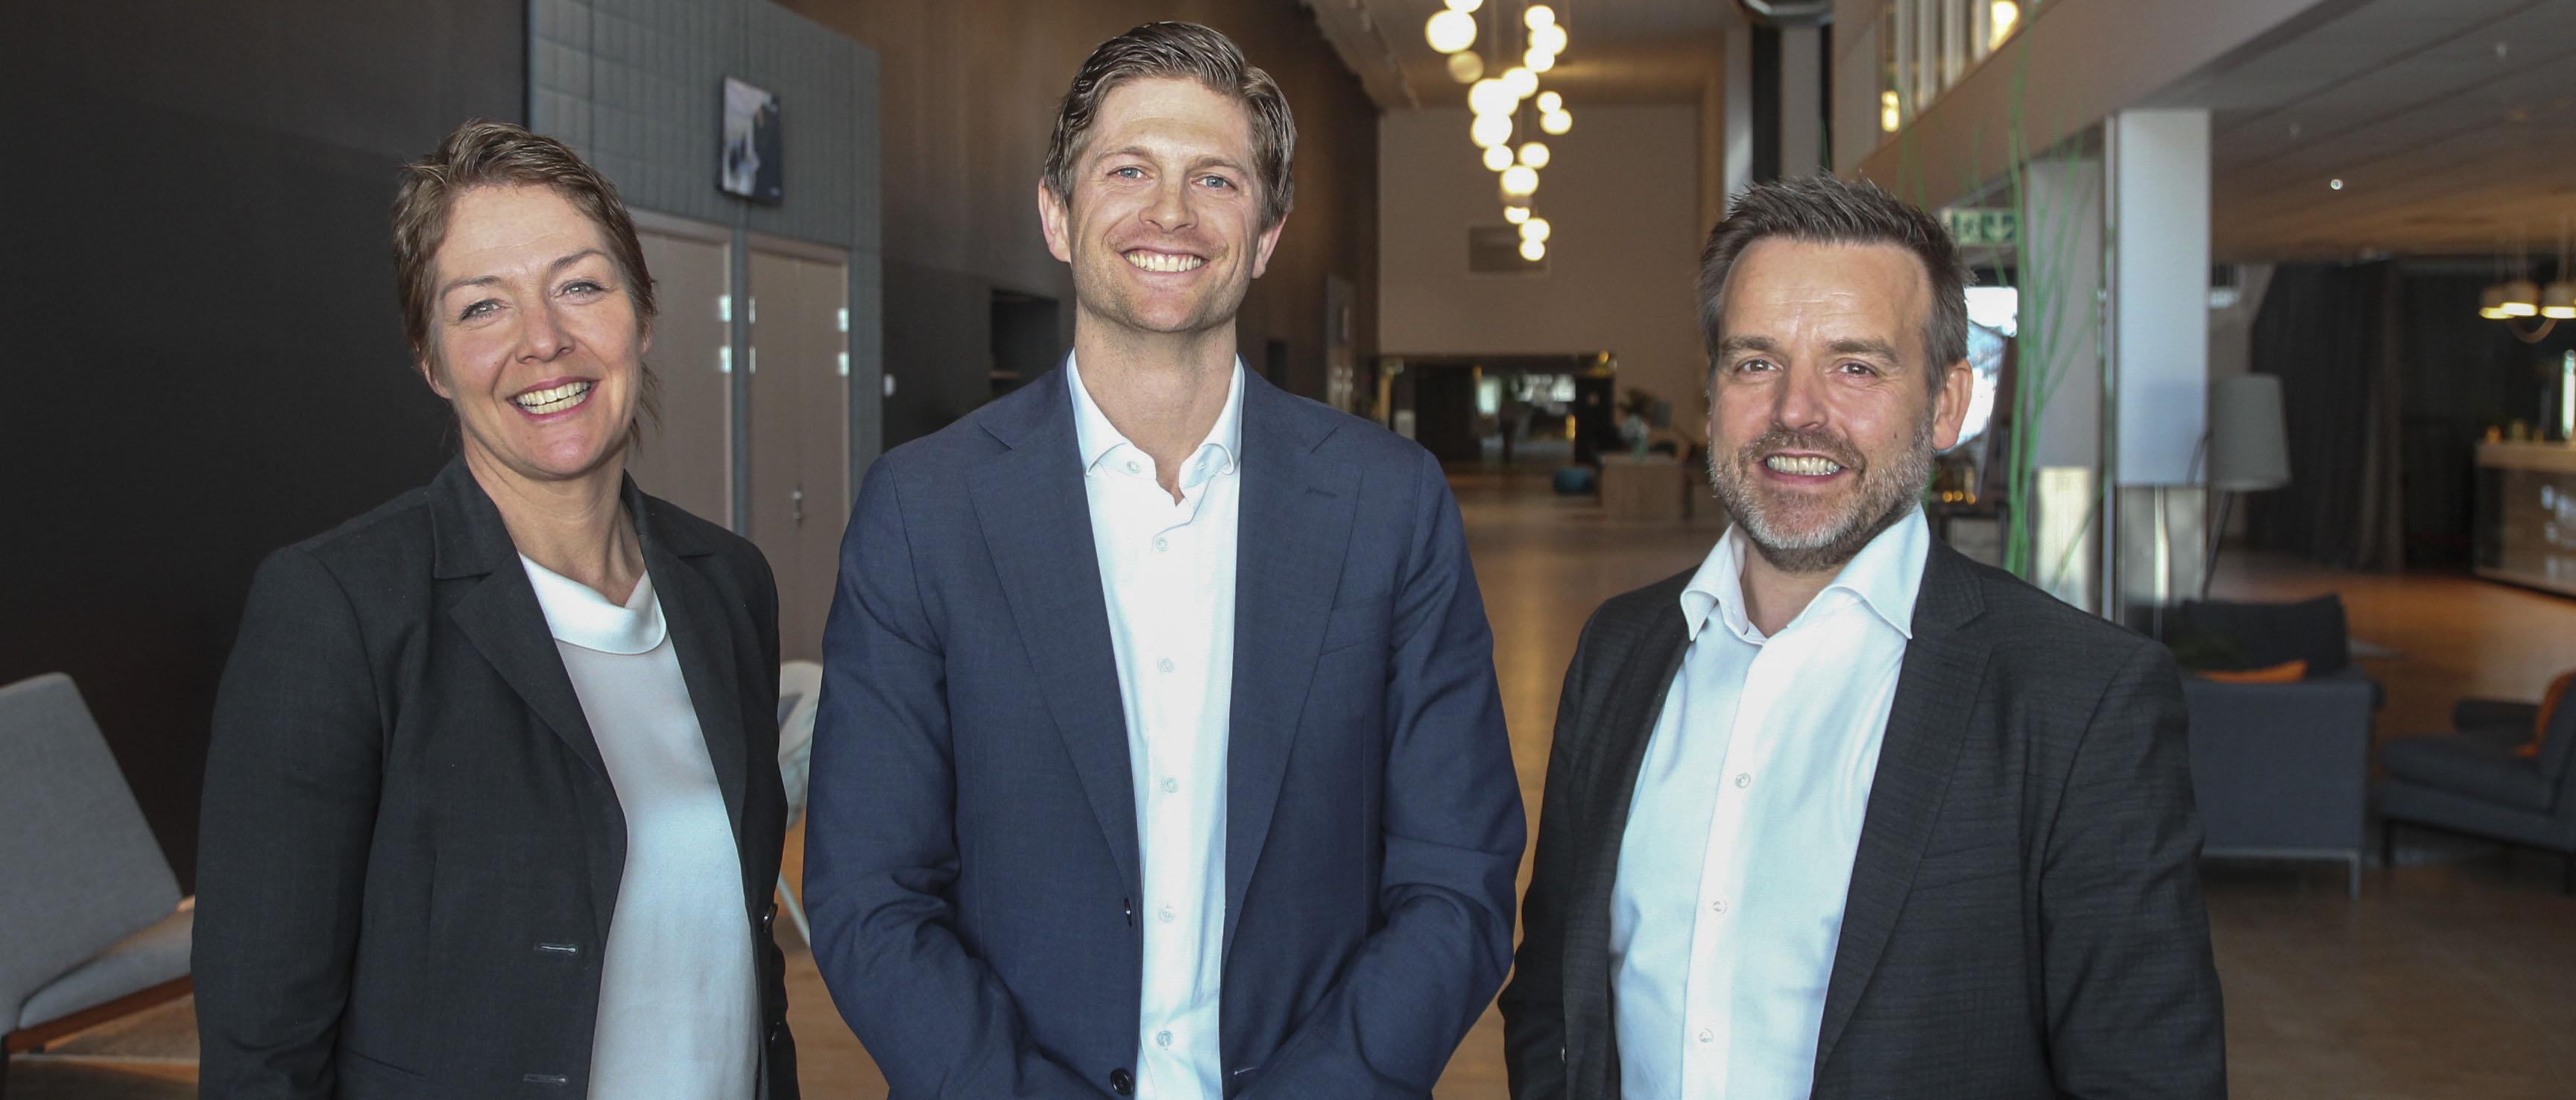 Utmerket seg i hard konkurranse. Årets ledertalent i Trondheimsregionen er et samarbeid mellom Adecco og NiT med hensikt å synliggjøre yngre ledere som utgjør en forskjell i regionen. Jan Petter Lindbak er den fjerde i rekken som får denne utmerkelsen.